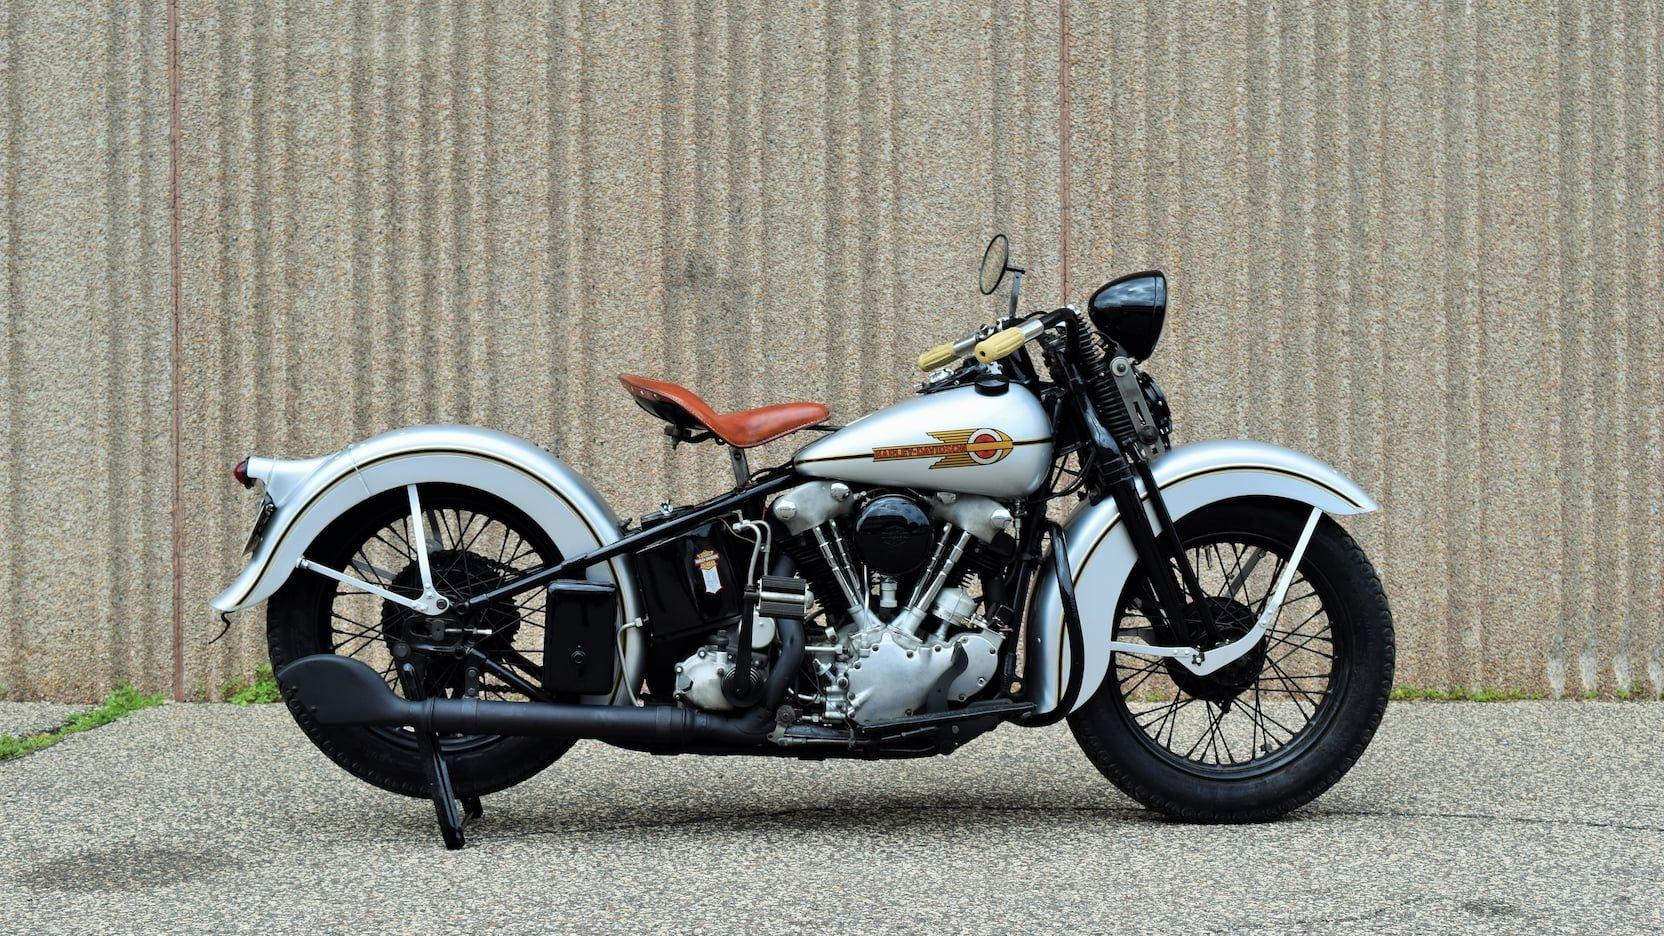 1938 Harley Davidson El T178 Monterey 2018 Harley Davidson Pictures Harley Davidson Bikes Harley Davidson